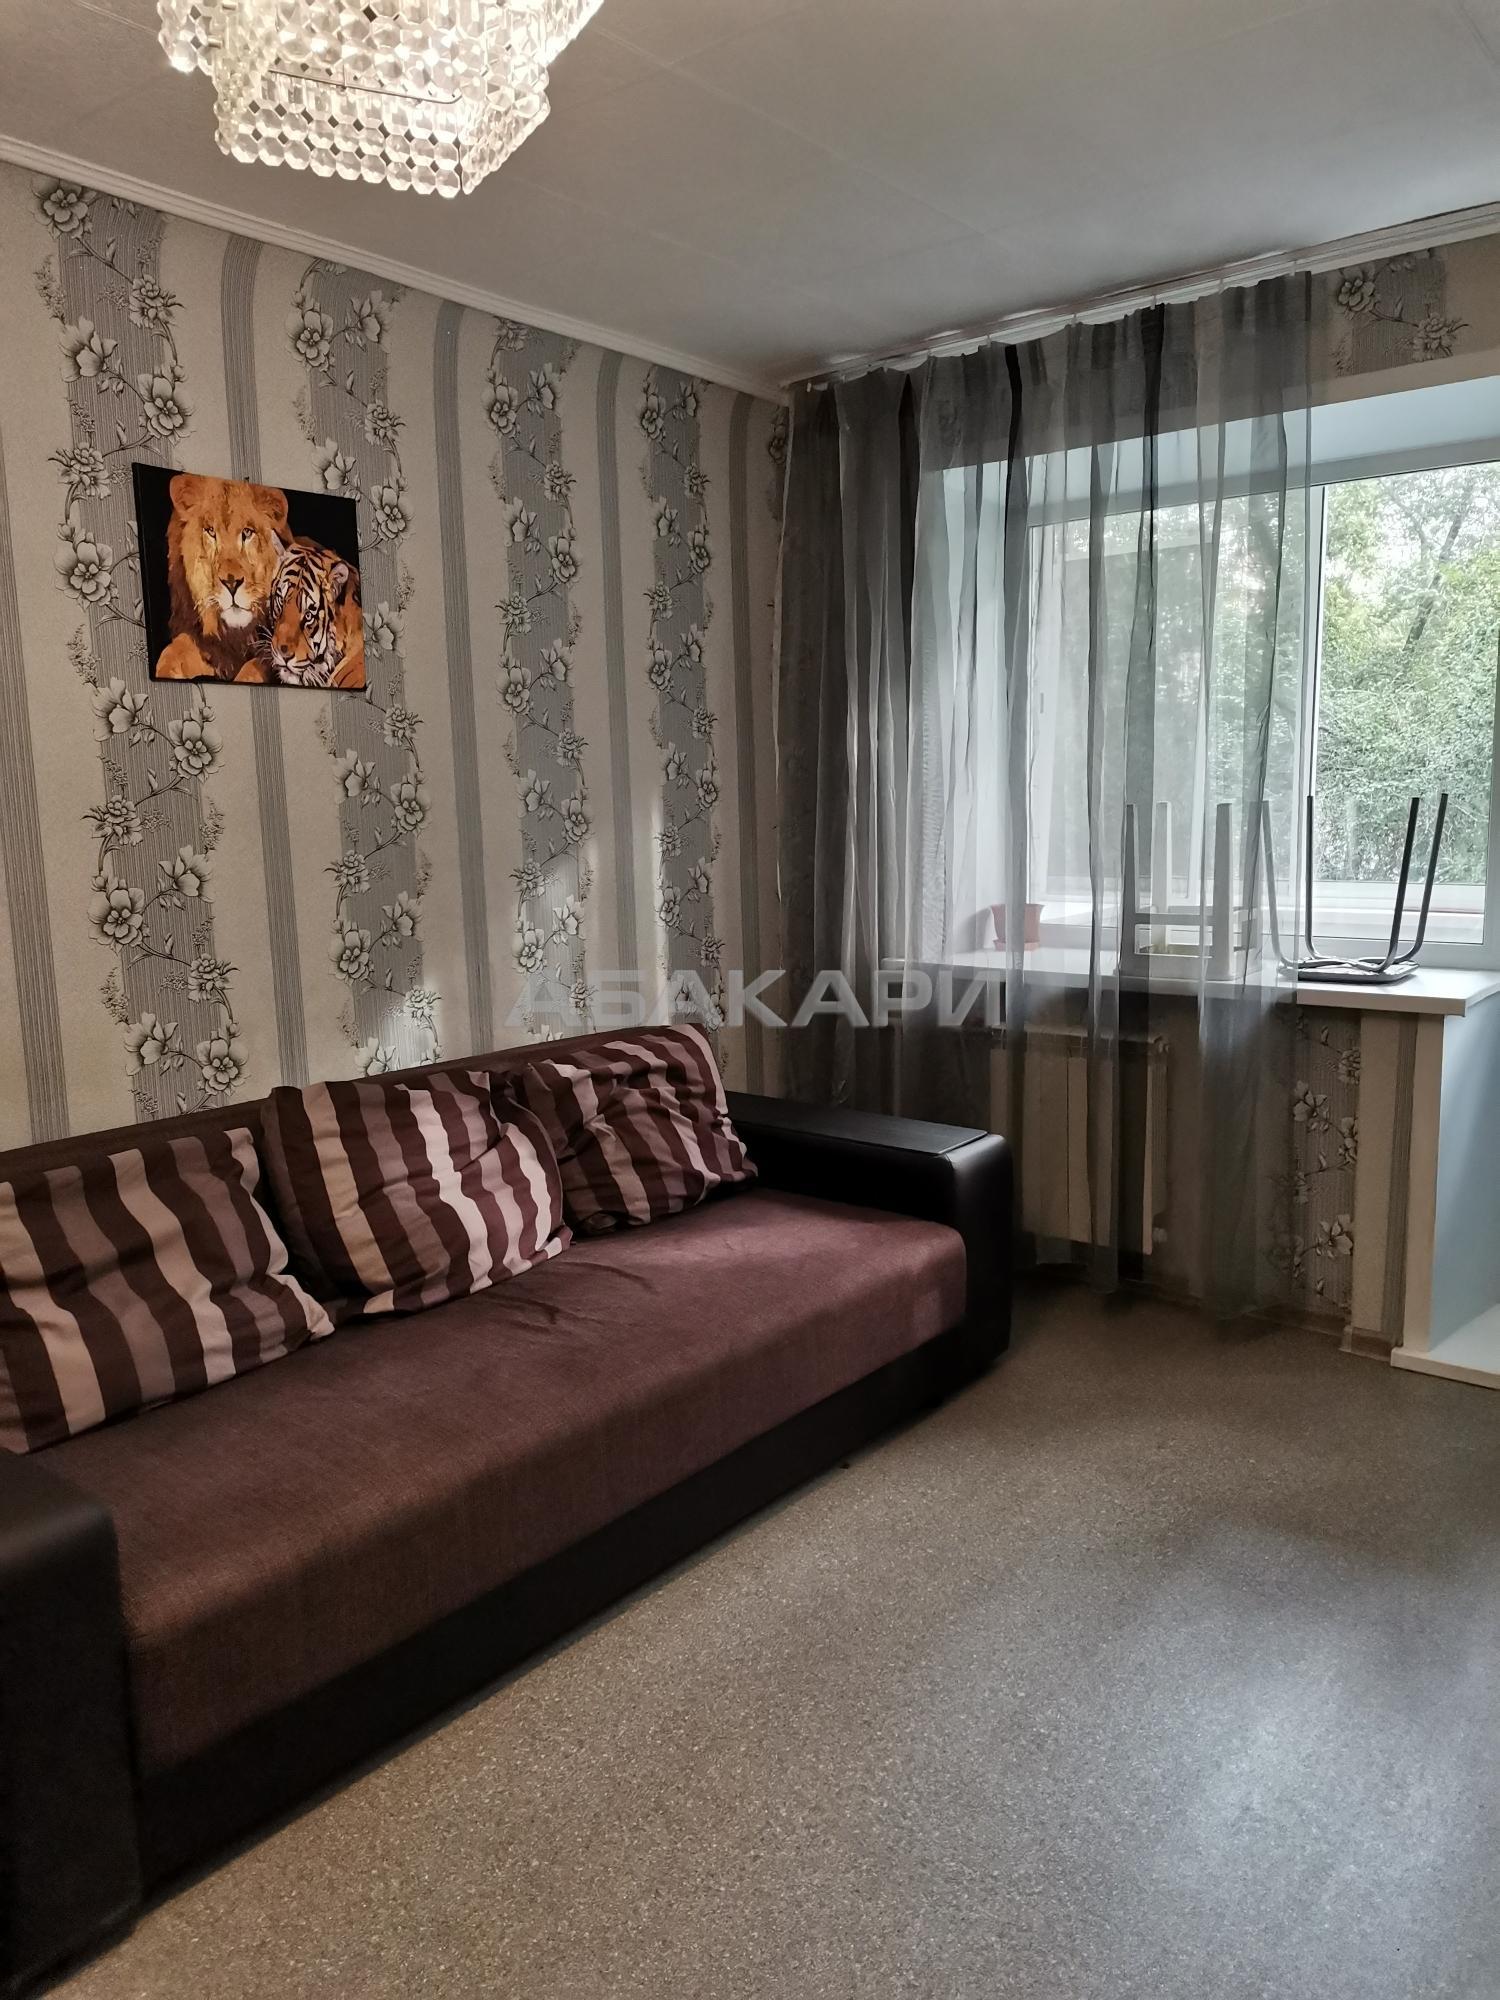 2к квартира улица Карла Маркса, 93   15000   аренда в Красноярске фото 3